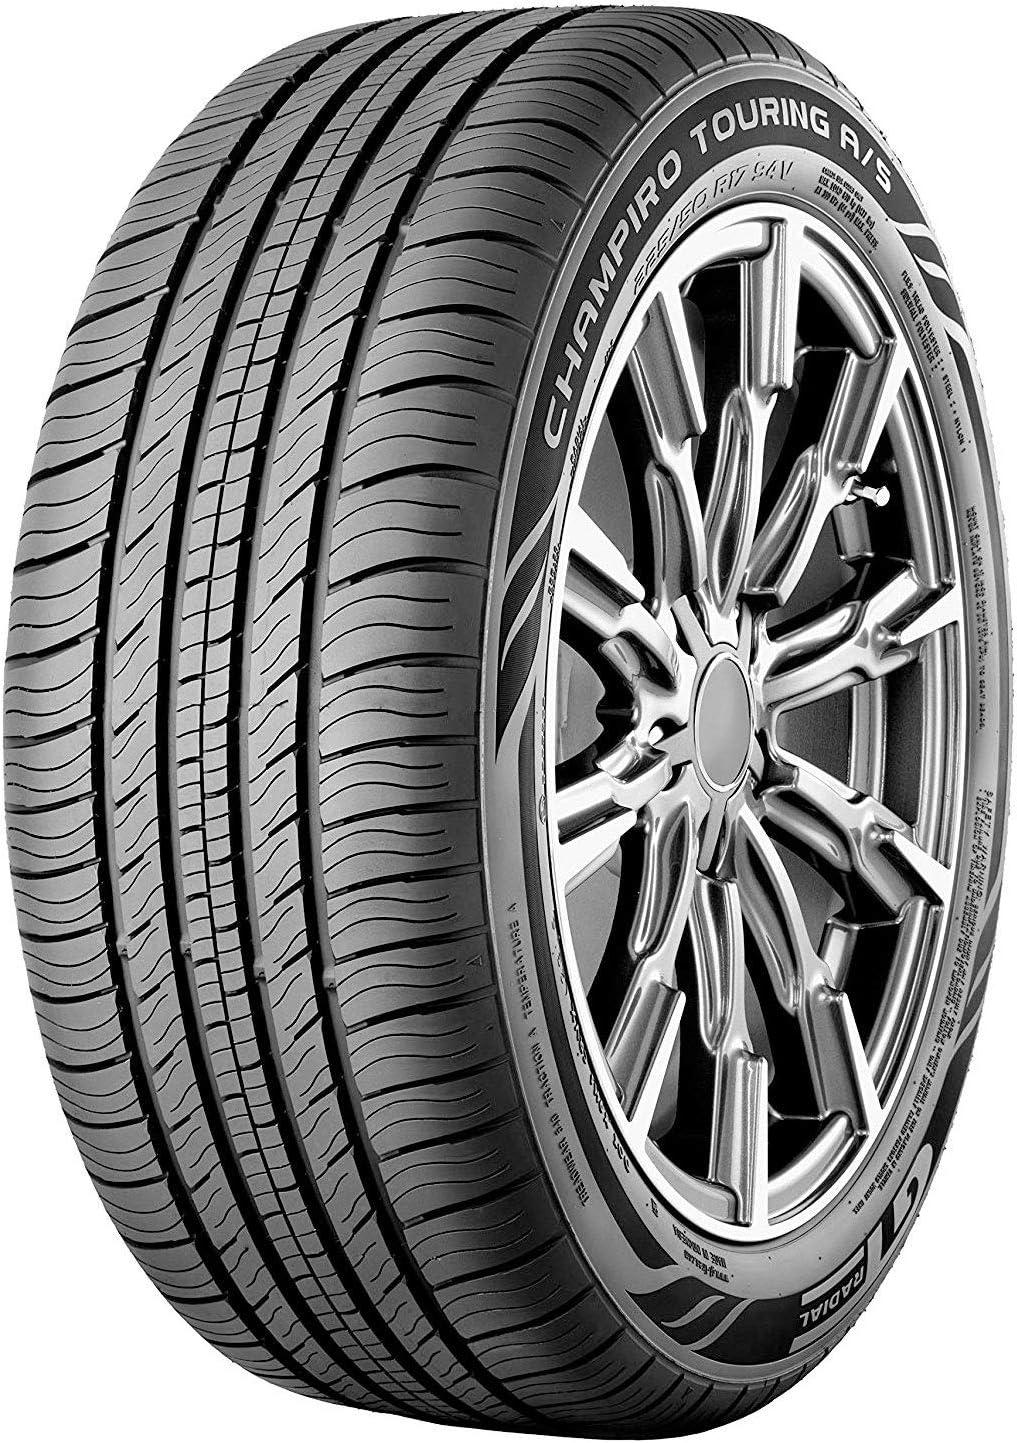 GT子午线轮胎